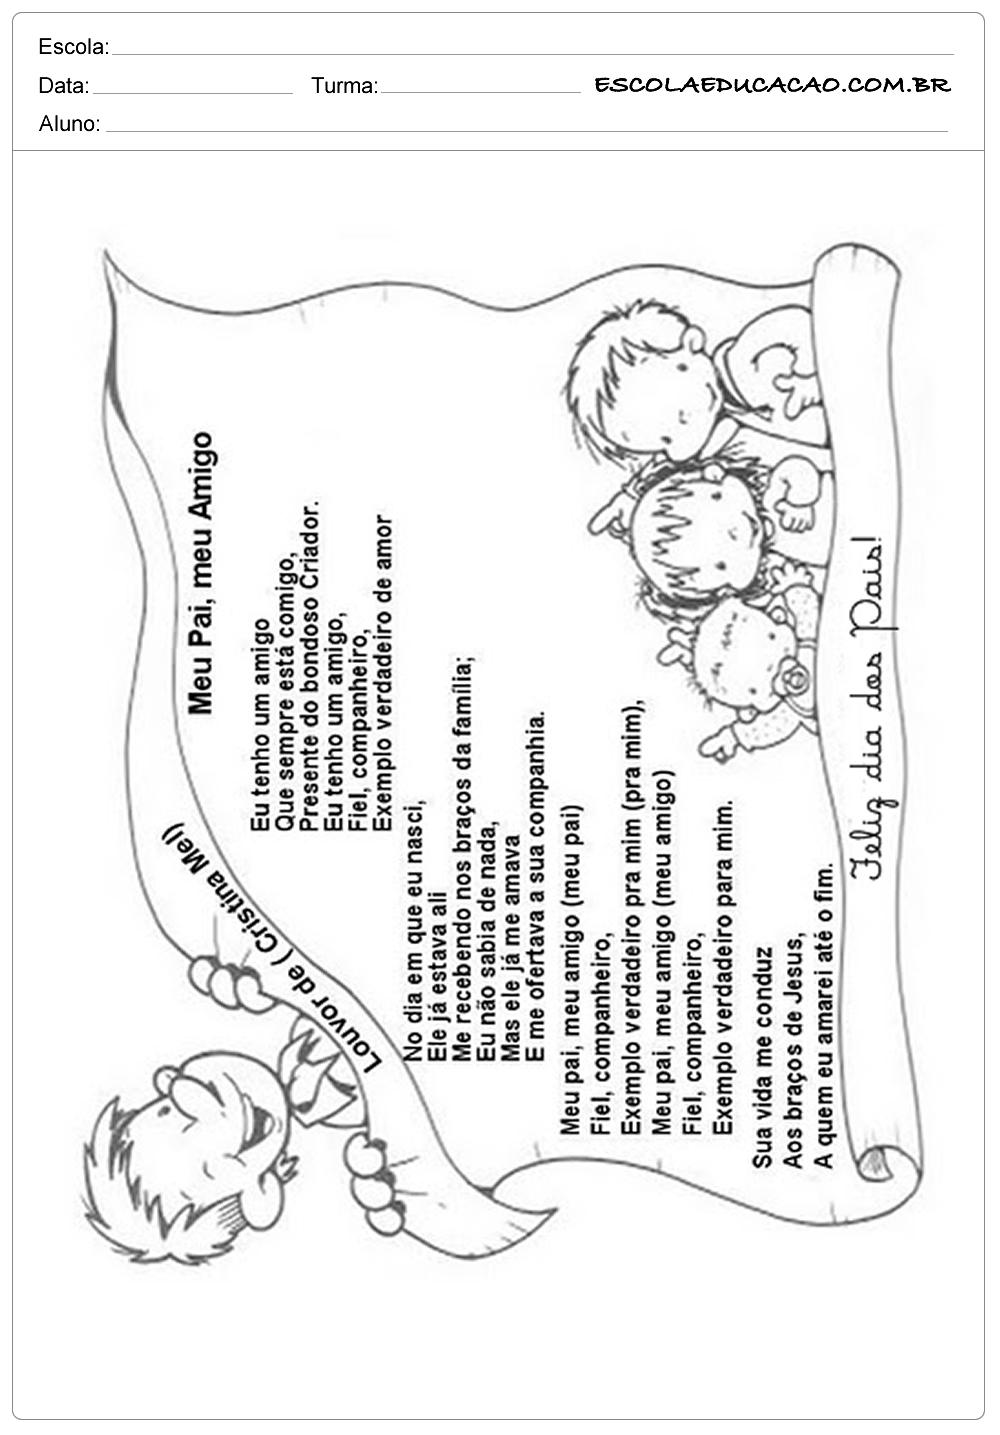 Poema para o dia dos pais